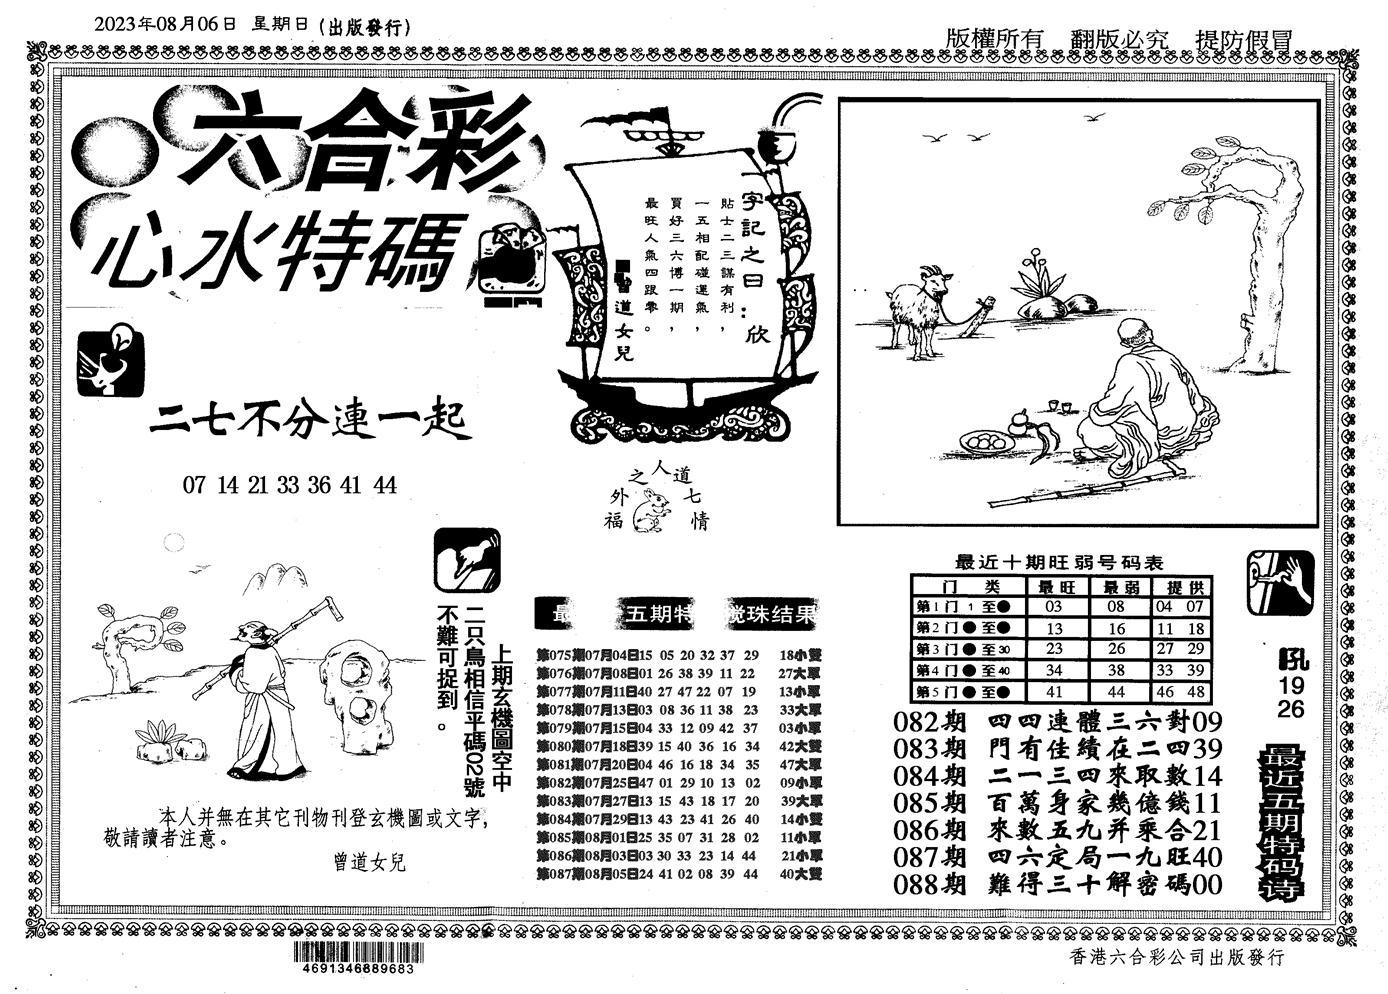 088期心水特码信封(黑白)